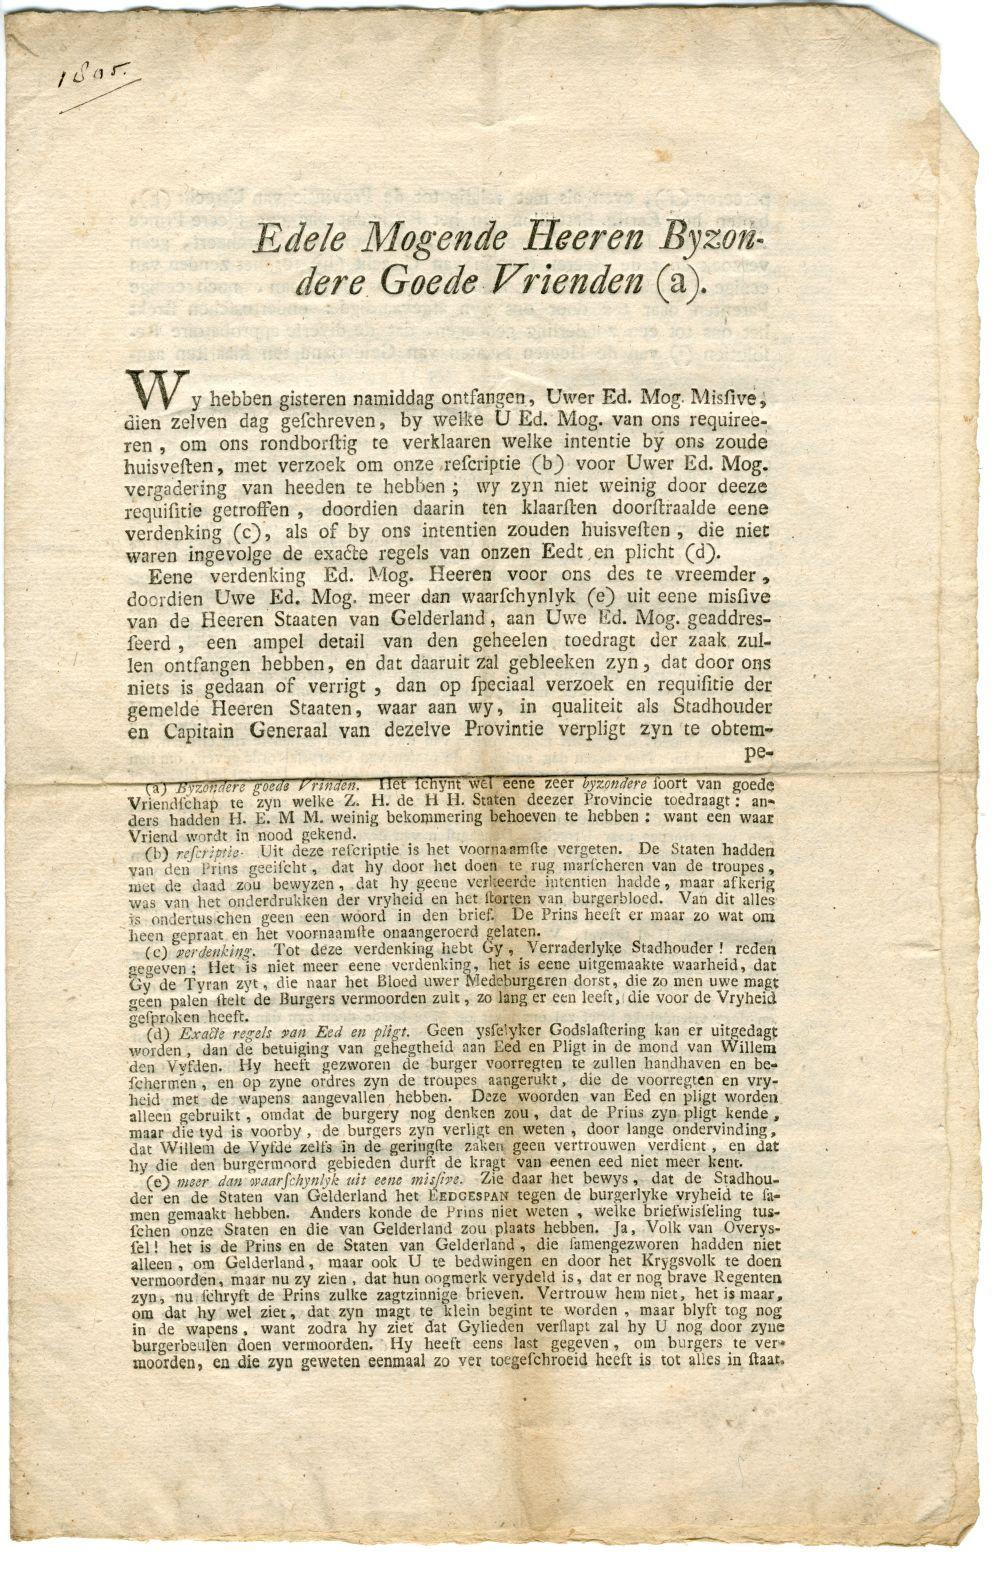 'Edele Mogende Heeren Bijzondere Goede Vrienden (a) ondertekend W. Prins van Oranje. Loo den 6 september 1786'